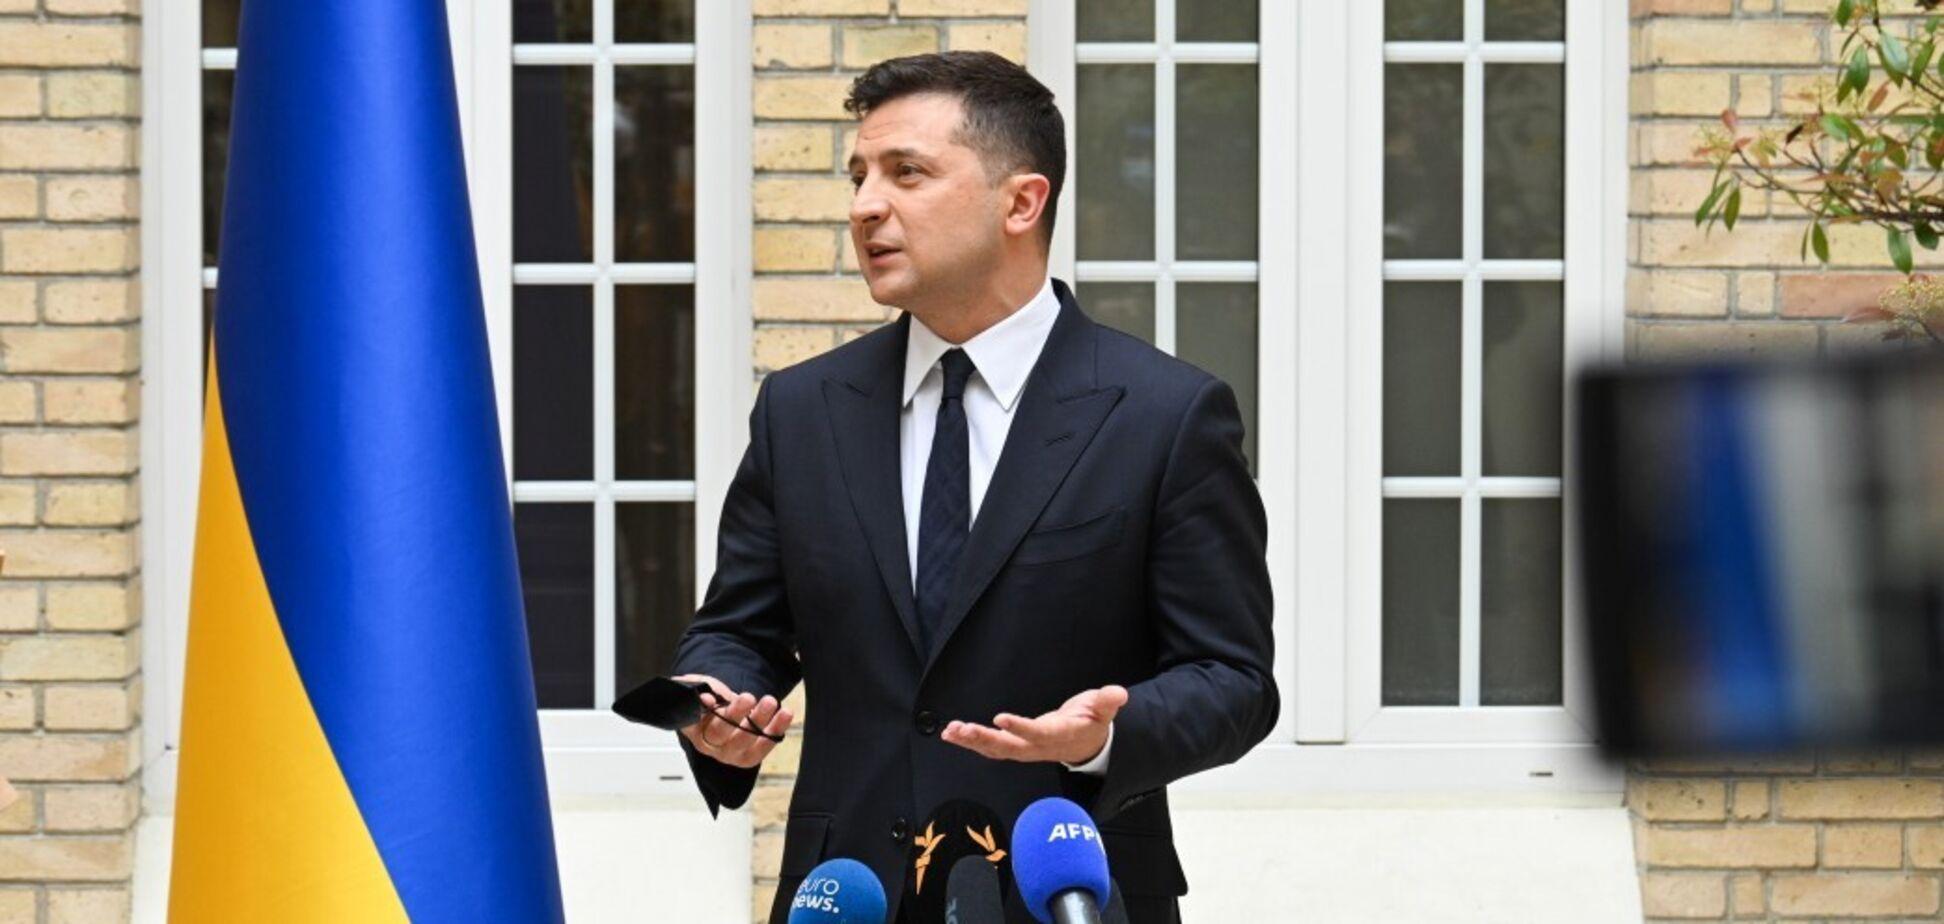 Зеленський запропонував саджати контрабандистів на 12 років і накладати мільйонні штрафи